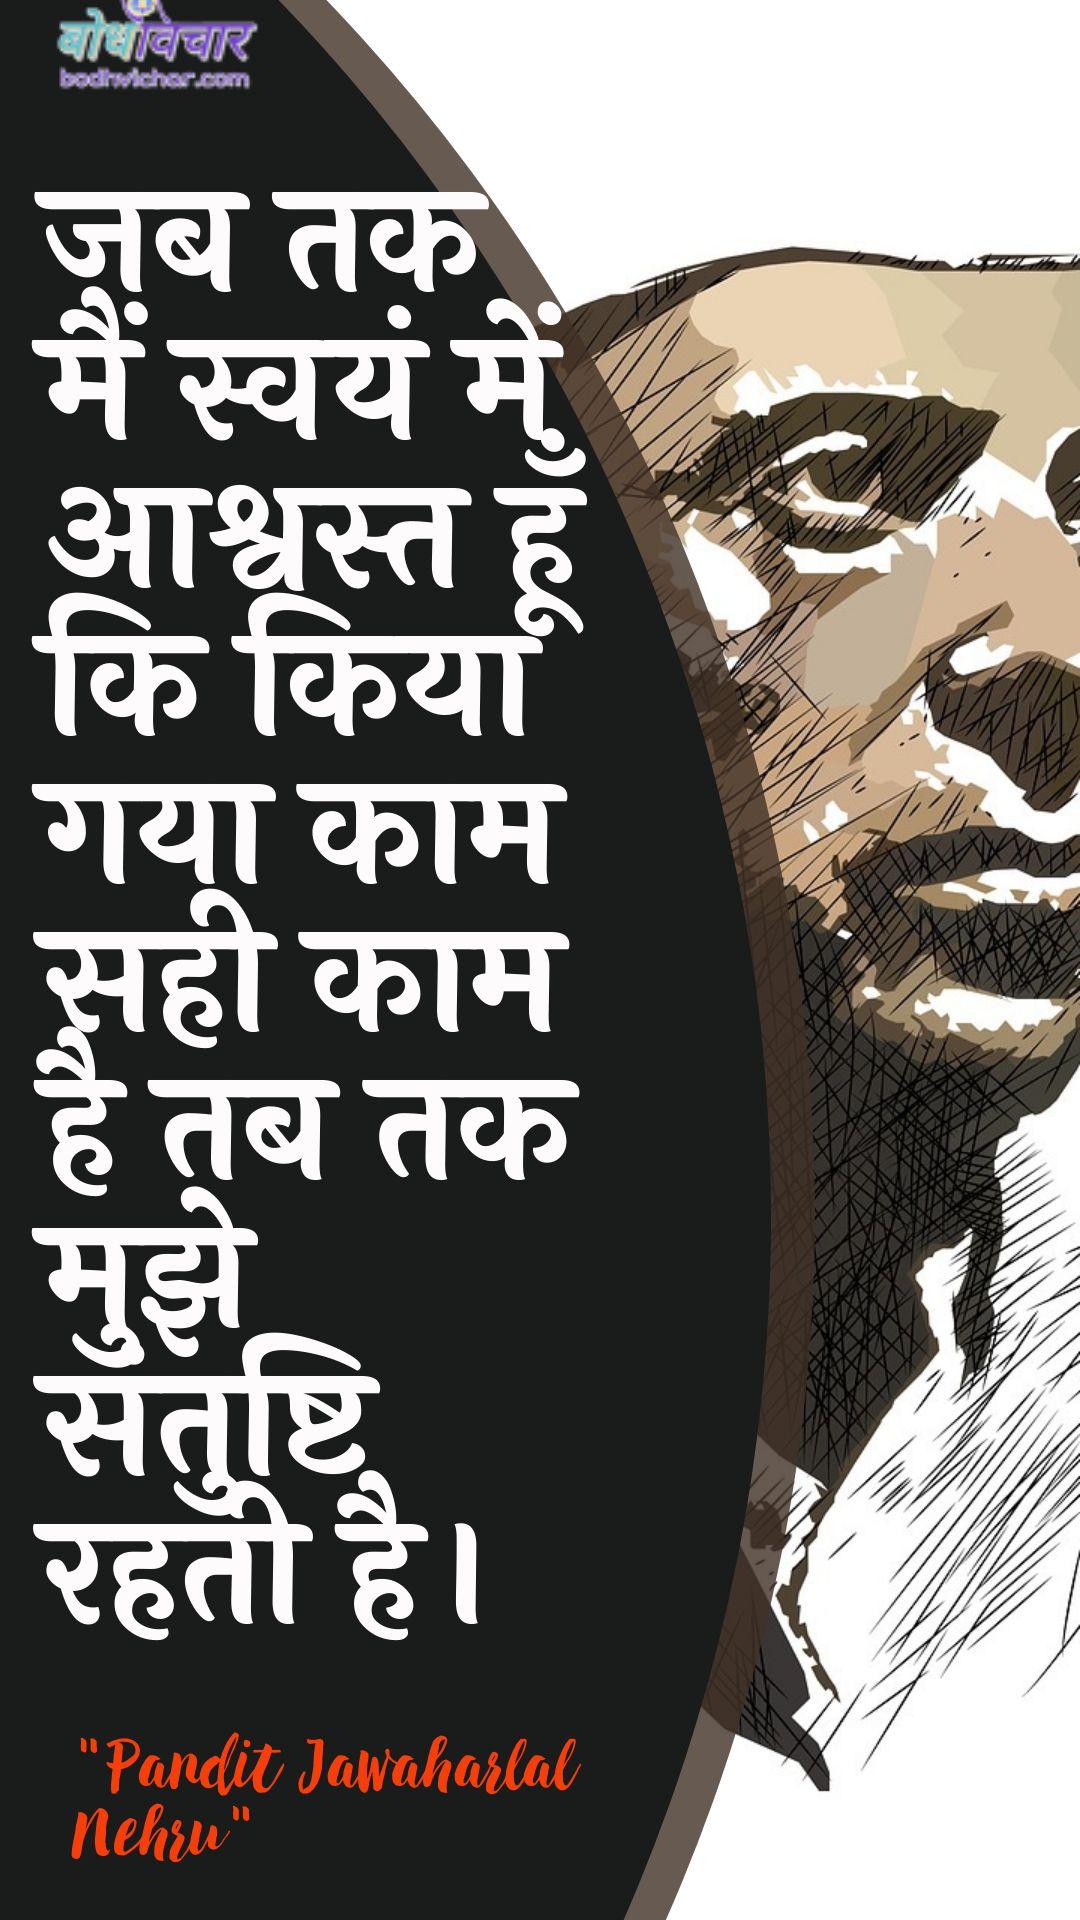 जब तक मैं स्वयं में आश्वस्त हूँ कि किया गया काम सही काम है तब तक मुझे संतुष्टि रहती है। : Jab tak main svayan mein aashvast hoon ki kiya gaya kaam sahee kaam hai tab tak mujhe santushti rahatee hai. - जवाहरलाल नेहरू